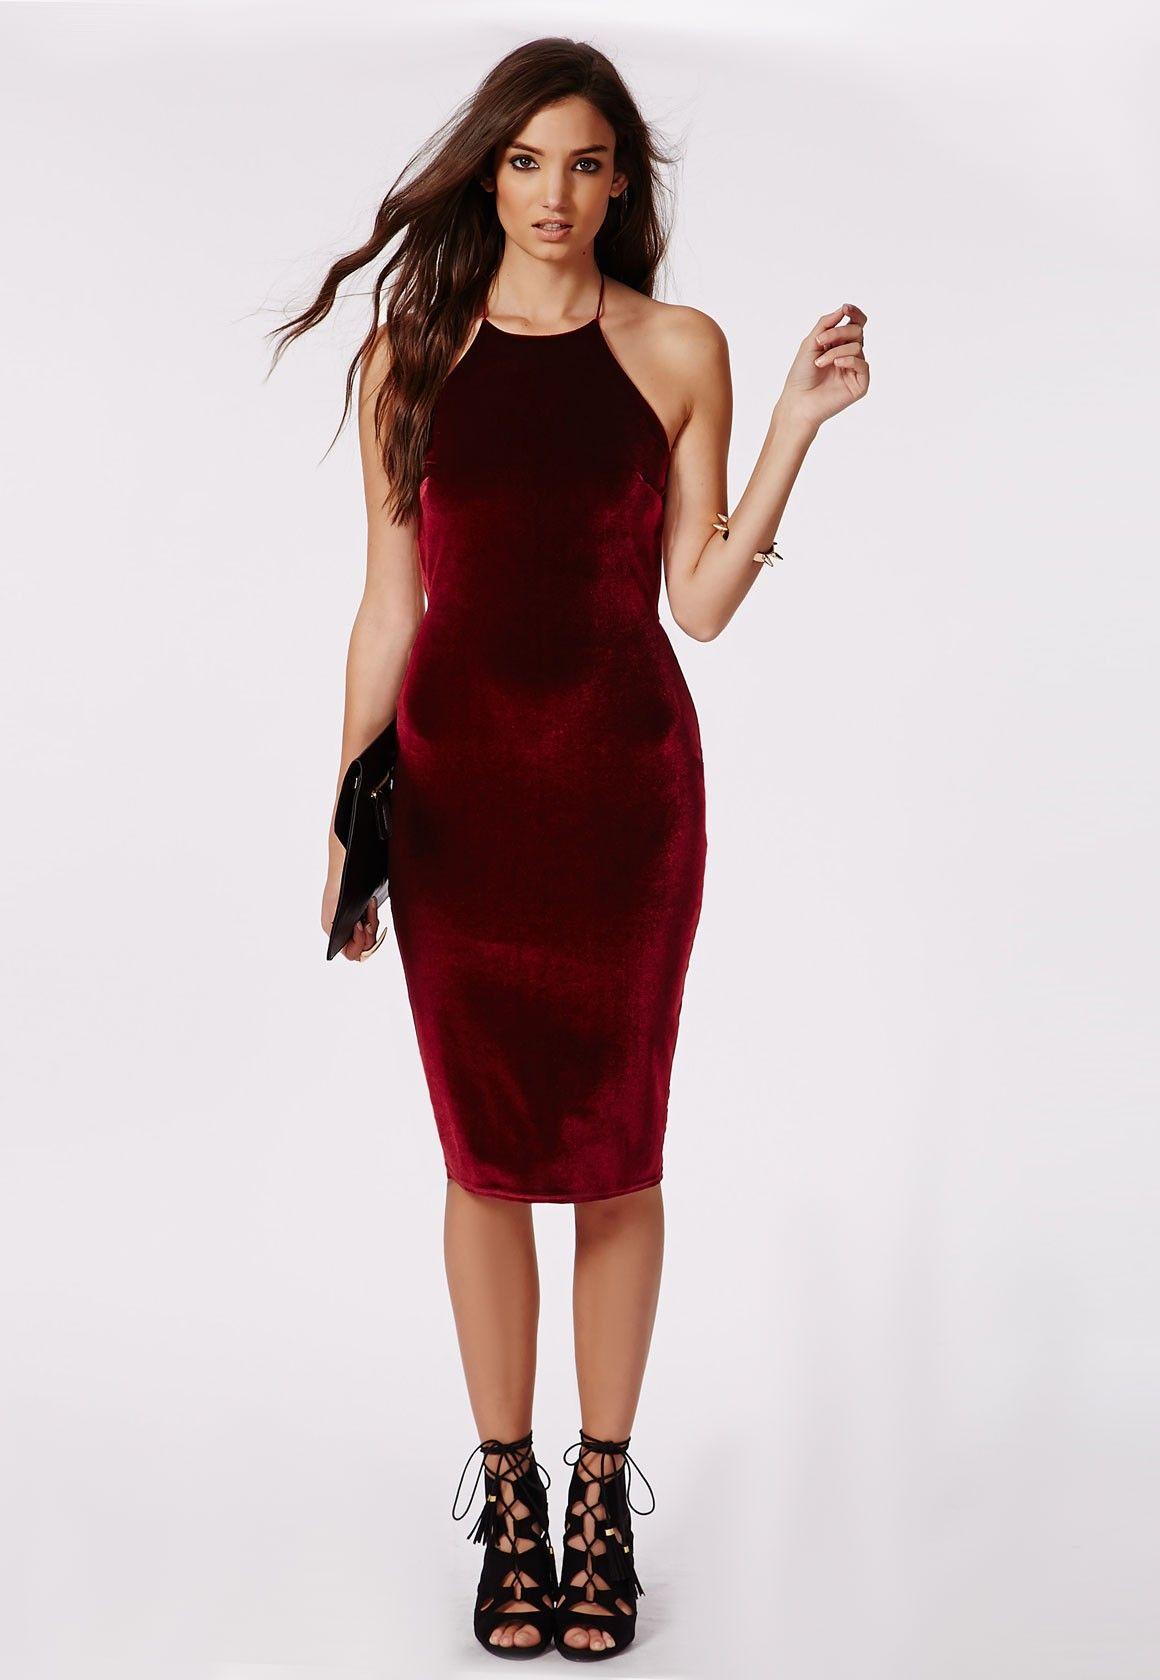 Velvet bodycon dress tumblr color